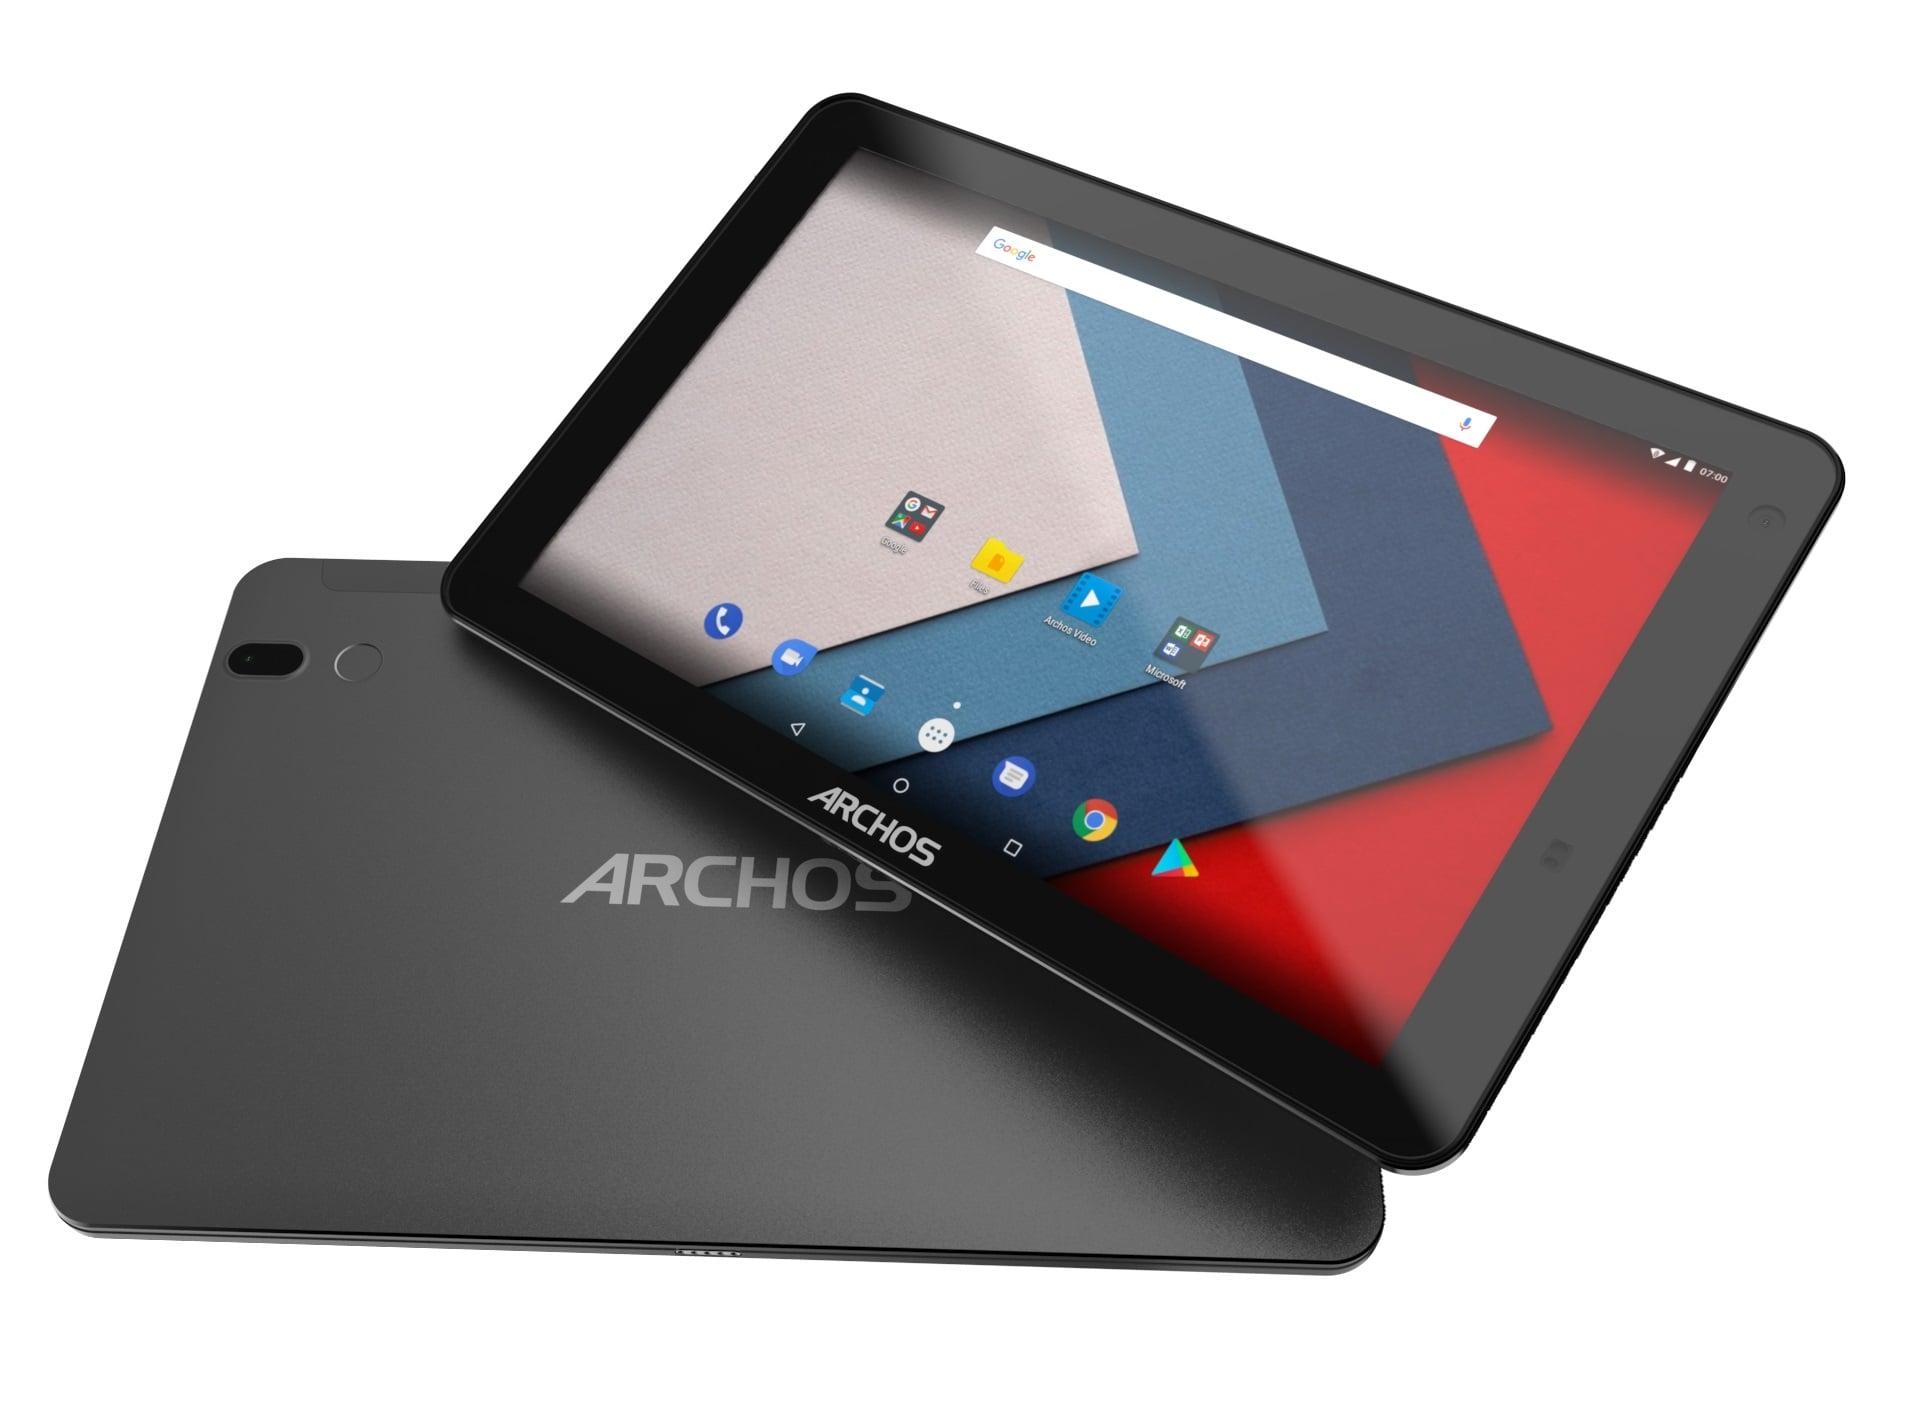 Archos zapowiada nowy tablet. Najpiękniejszy może i nie jest, ale w środku miodzio 20